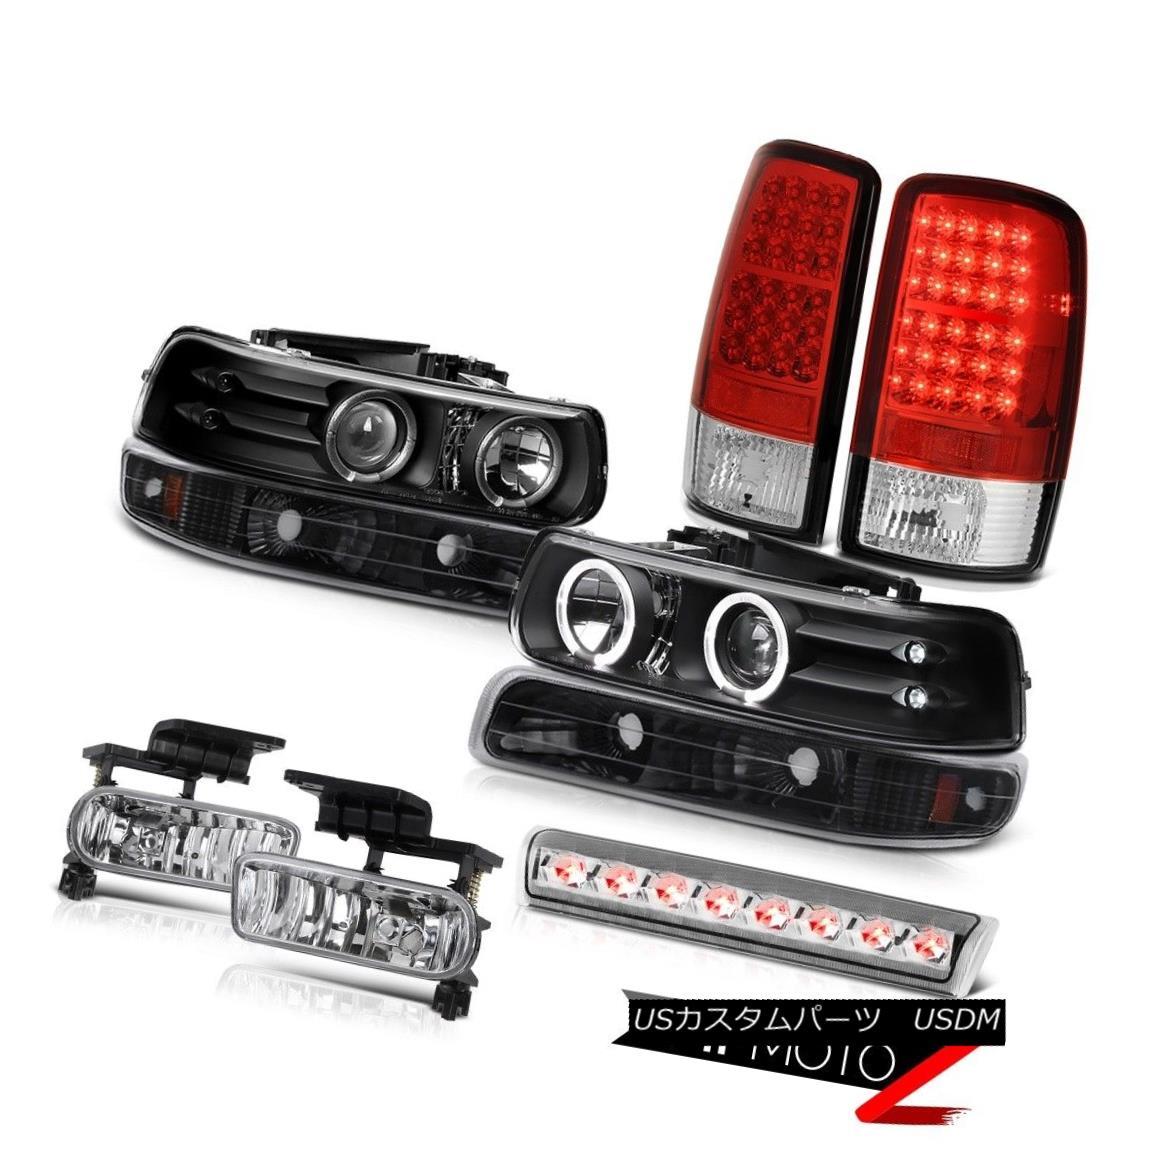 テールライト 00-06 Chevy Suburban LS Roof cab lamp foglamps red tail lamps parking Headlights 00-06シボレー郊外LS屋根のタクシーランプフォグランプ赤いテールランプパーキングヘッドライト